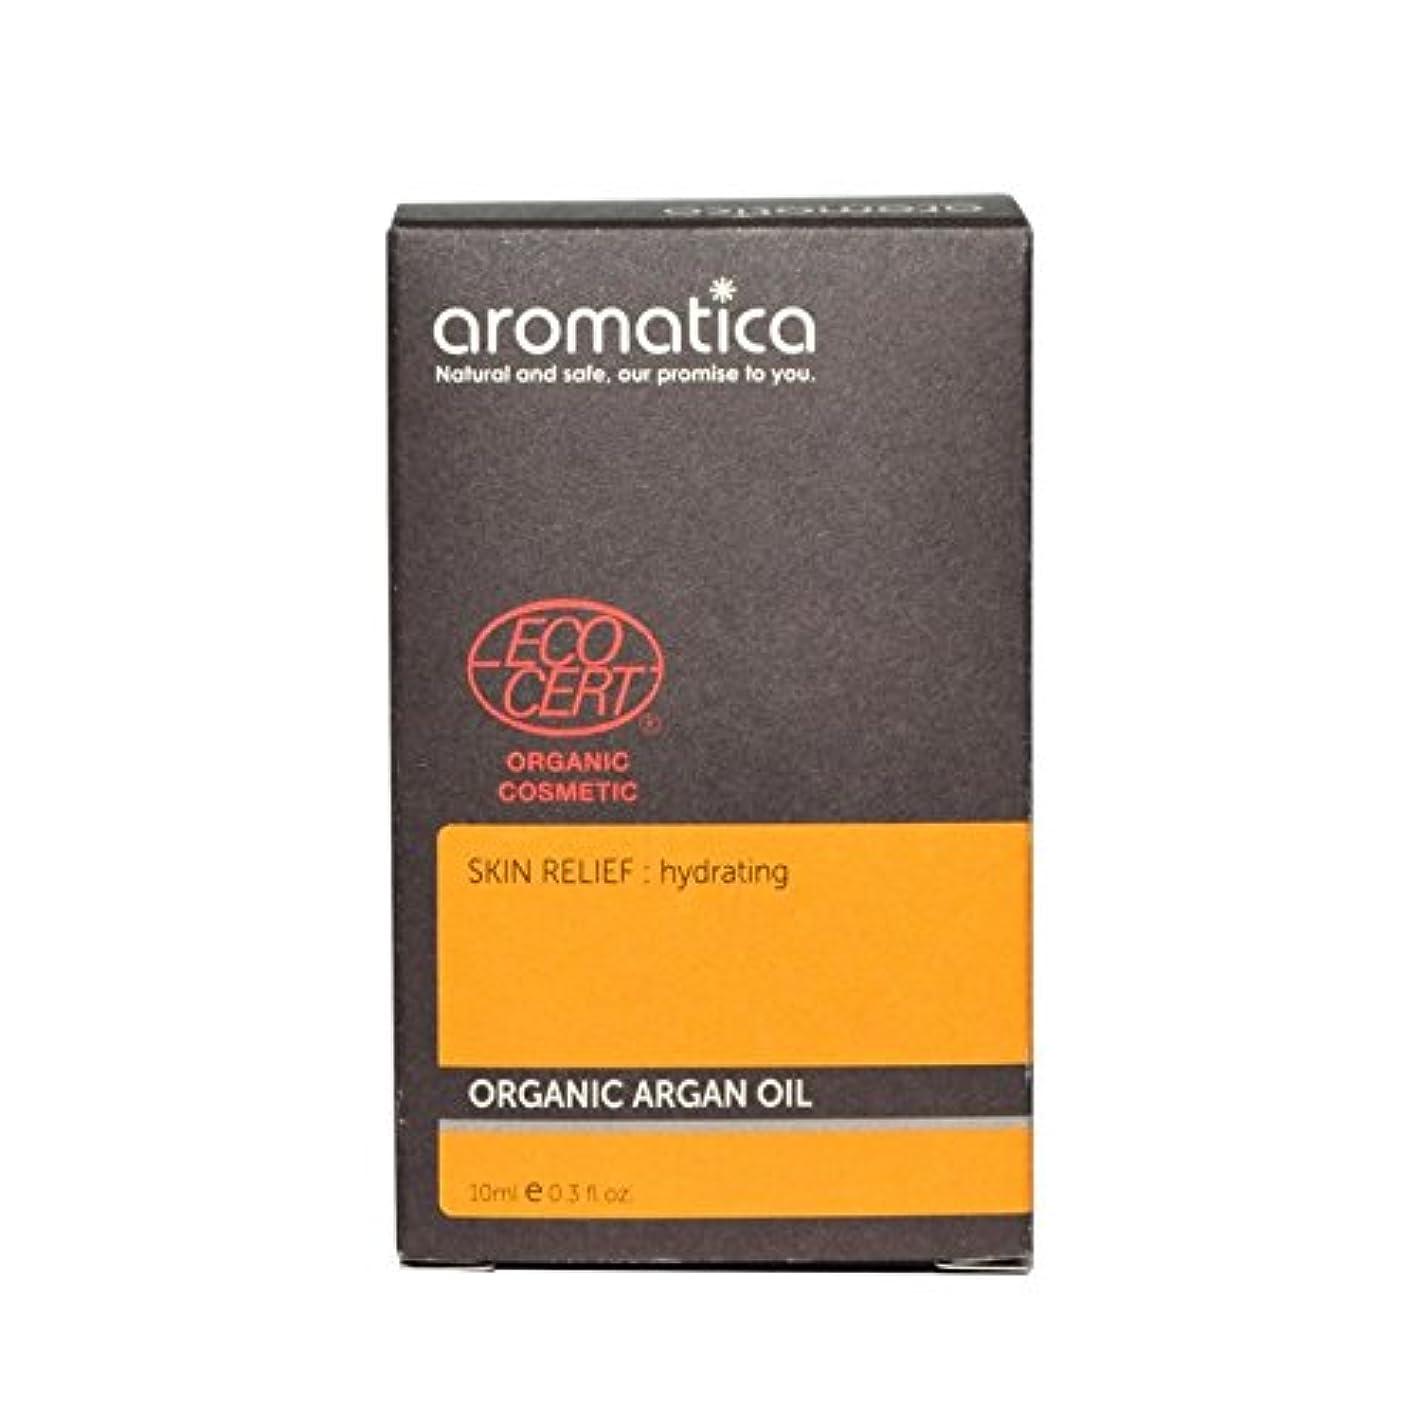 贈り物著者性交aromatica Organic Argan Oil 10ml - オーガニックアルガンオイル10ミリリットル [並行輸入品]